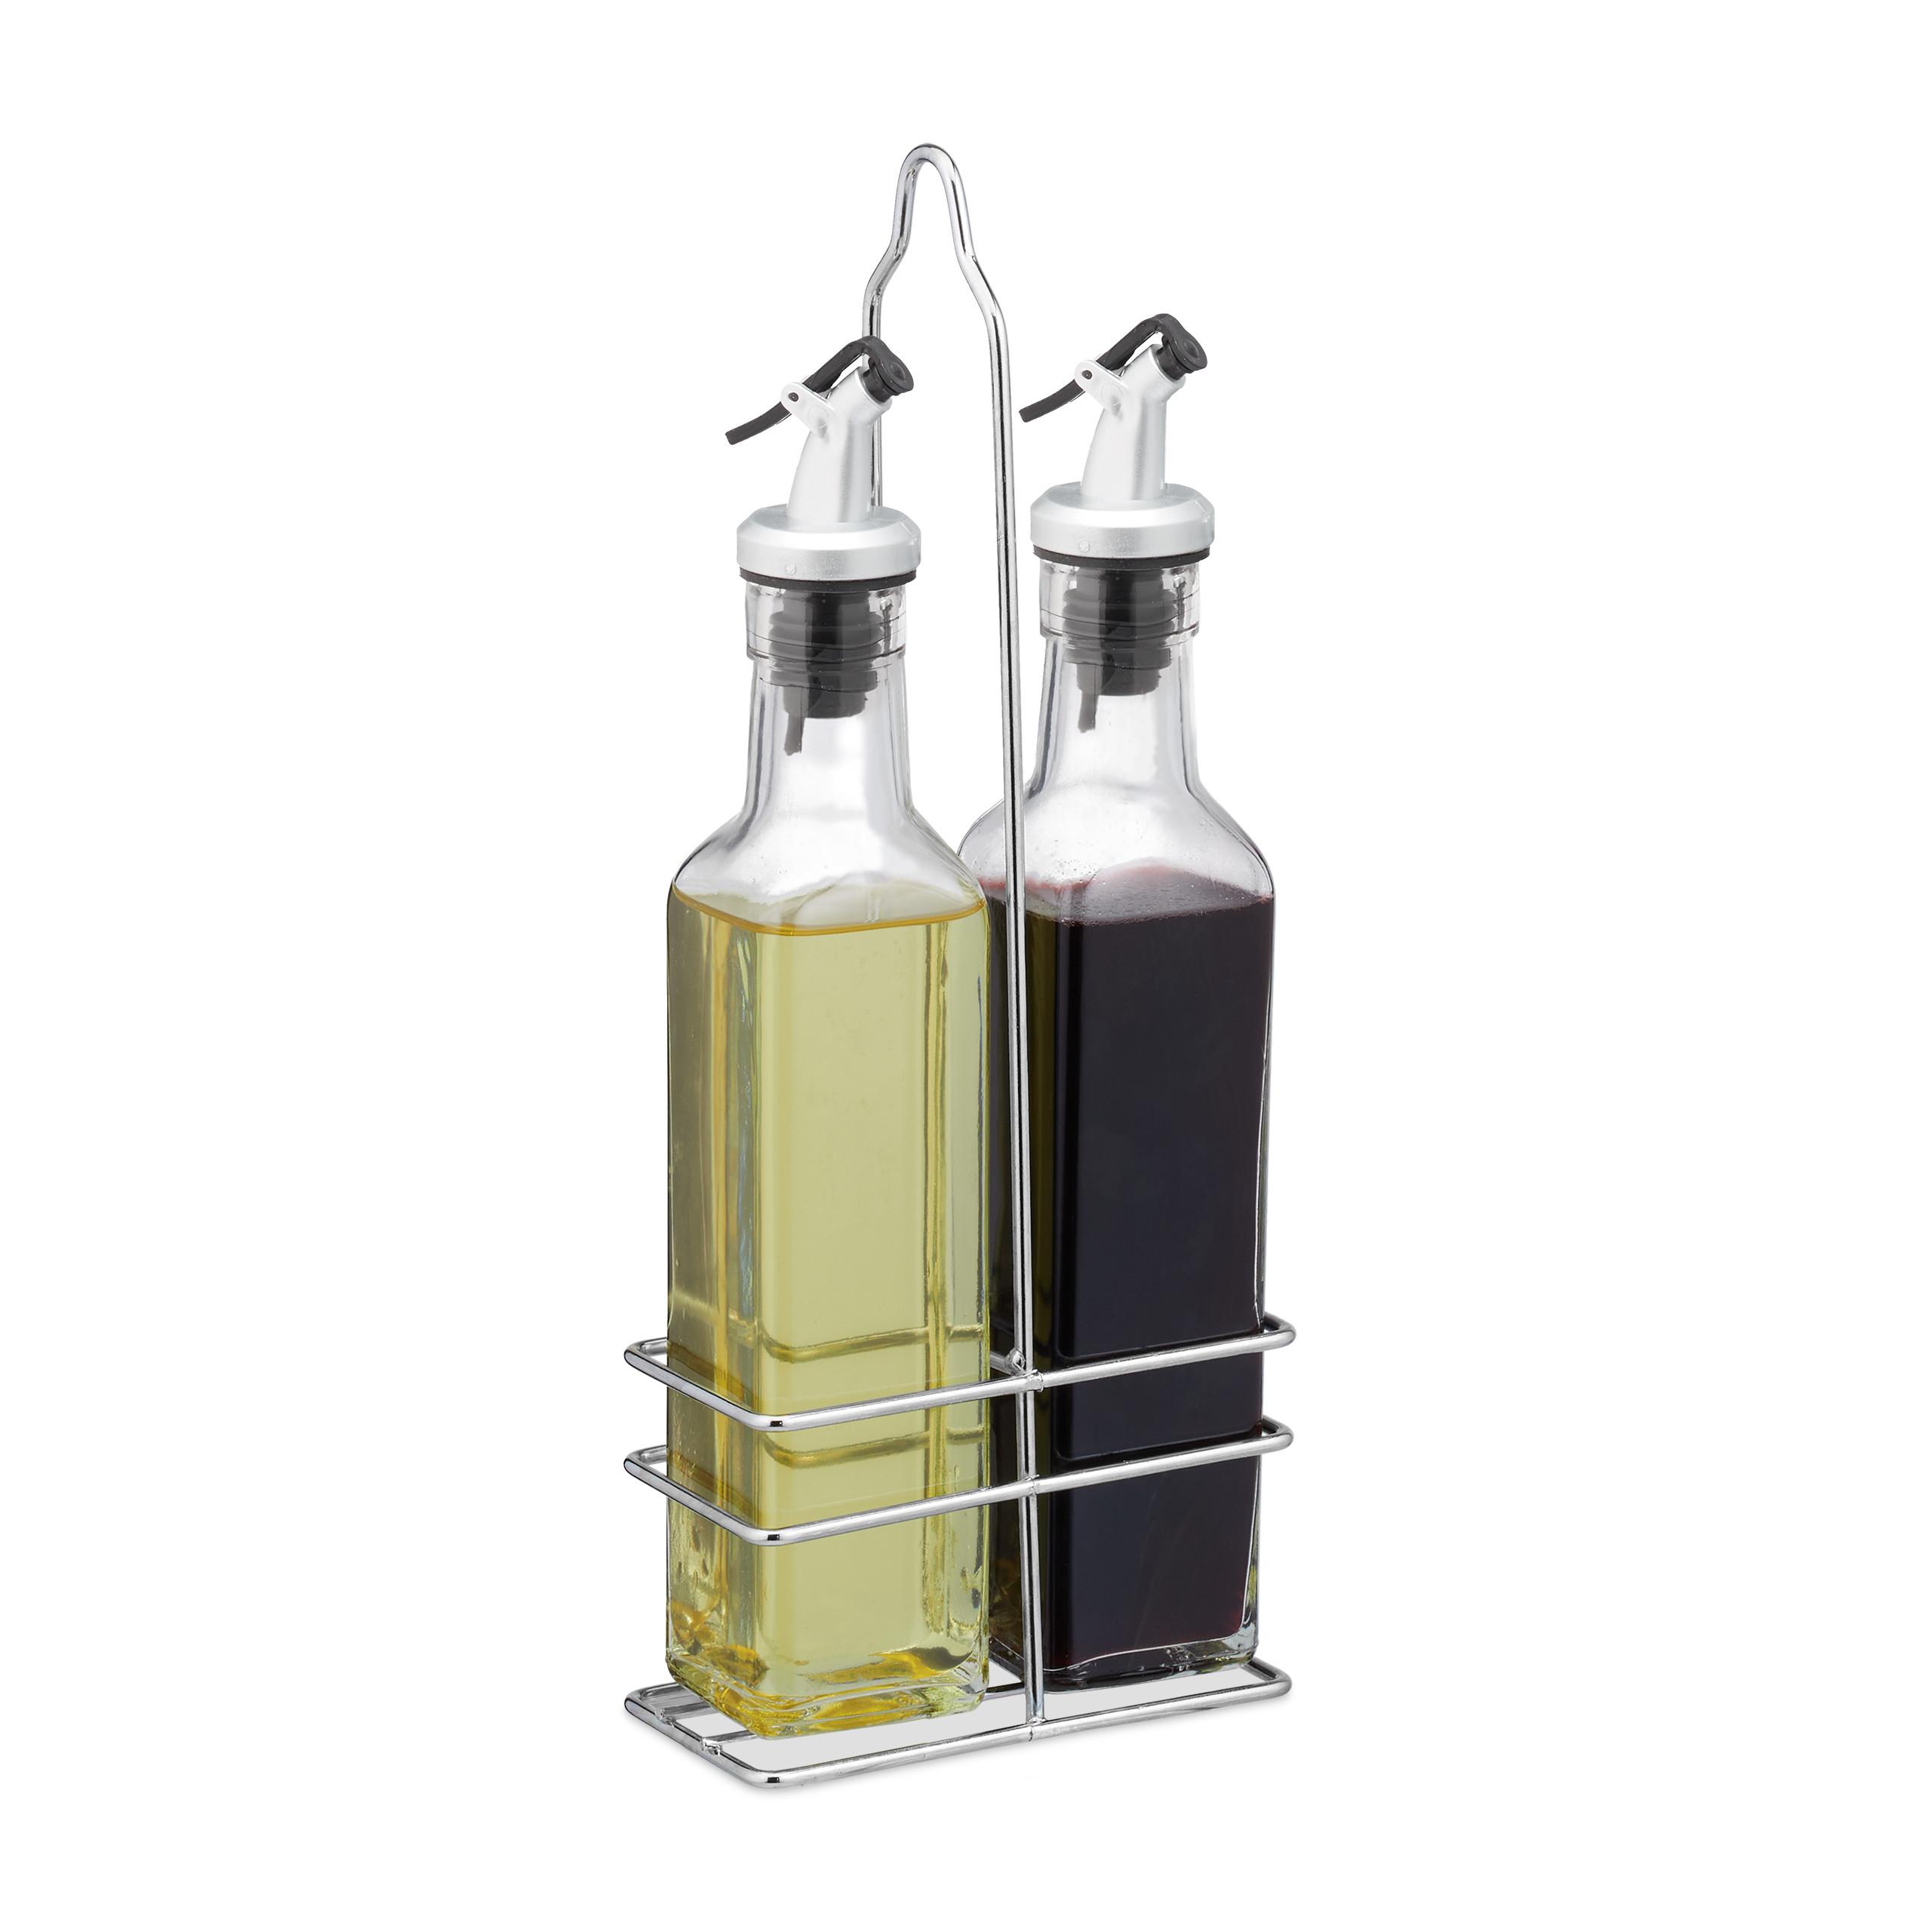 A M I N A Essig und Öl Spender Set 3-teilig 2 Ölflaschen und Halterung 500ml